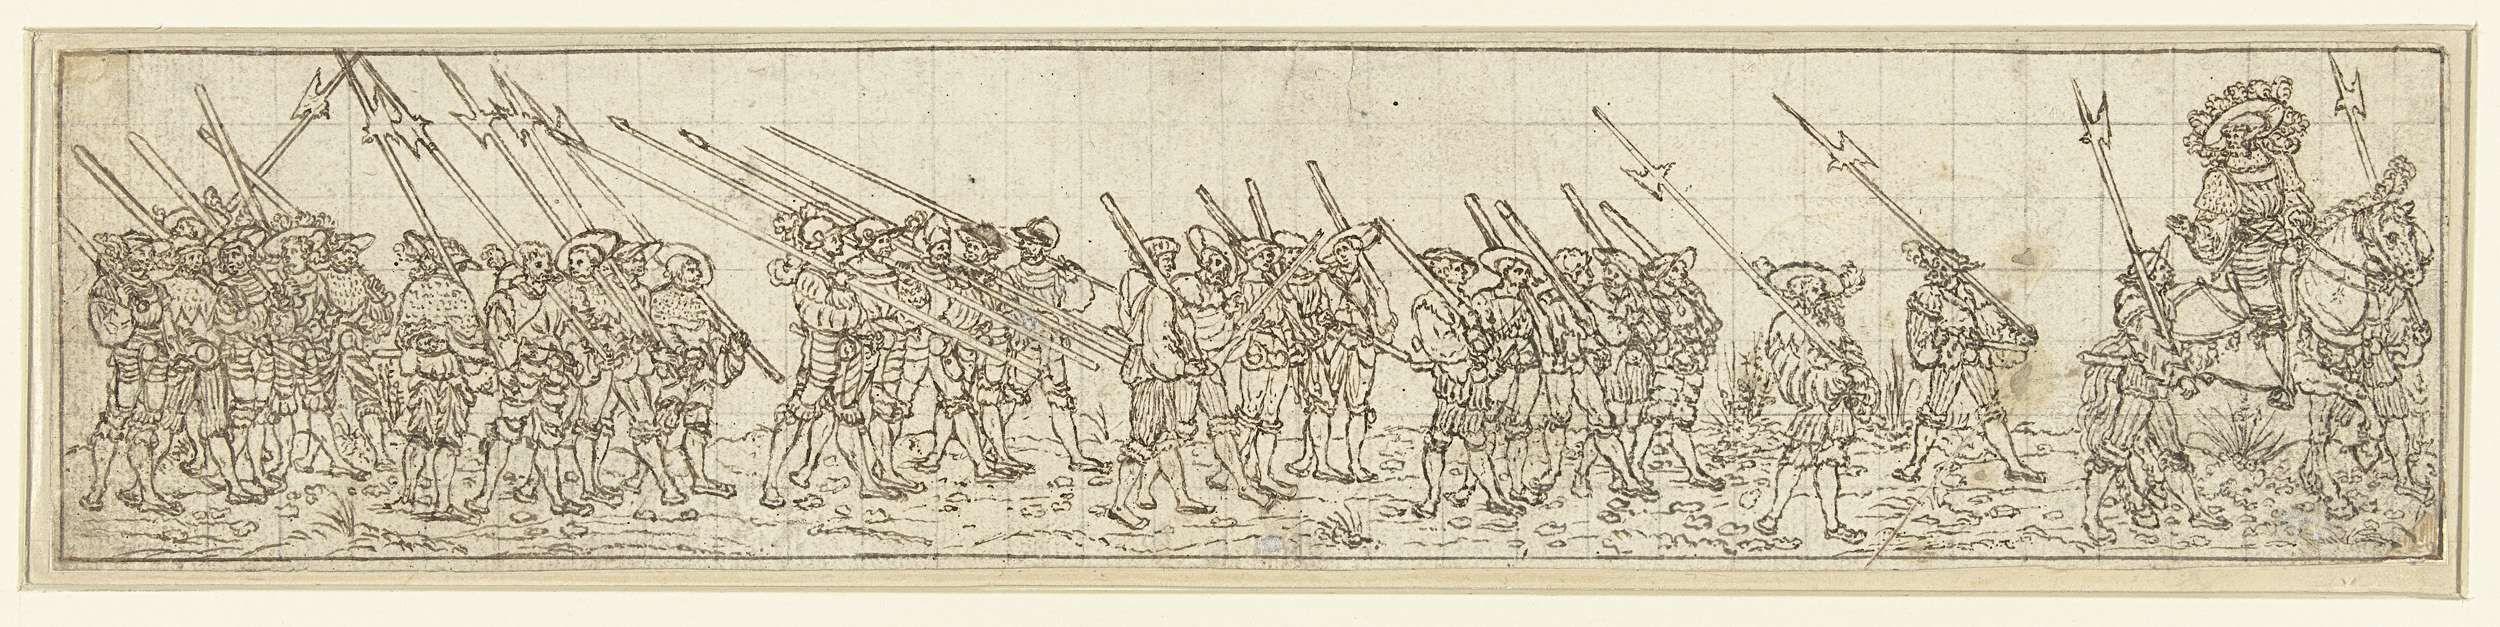 1510 - 1550 possibly Hans Sebald Beham,  Procession of musketeers, halberdiers and spearmen, preceded by a rider. (Optocht van musketiers, hellebaardiers en lansdragers, voorafgegaan door een ruiter)